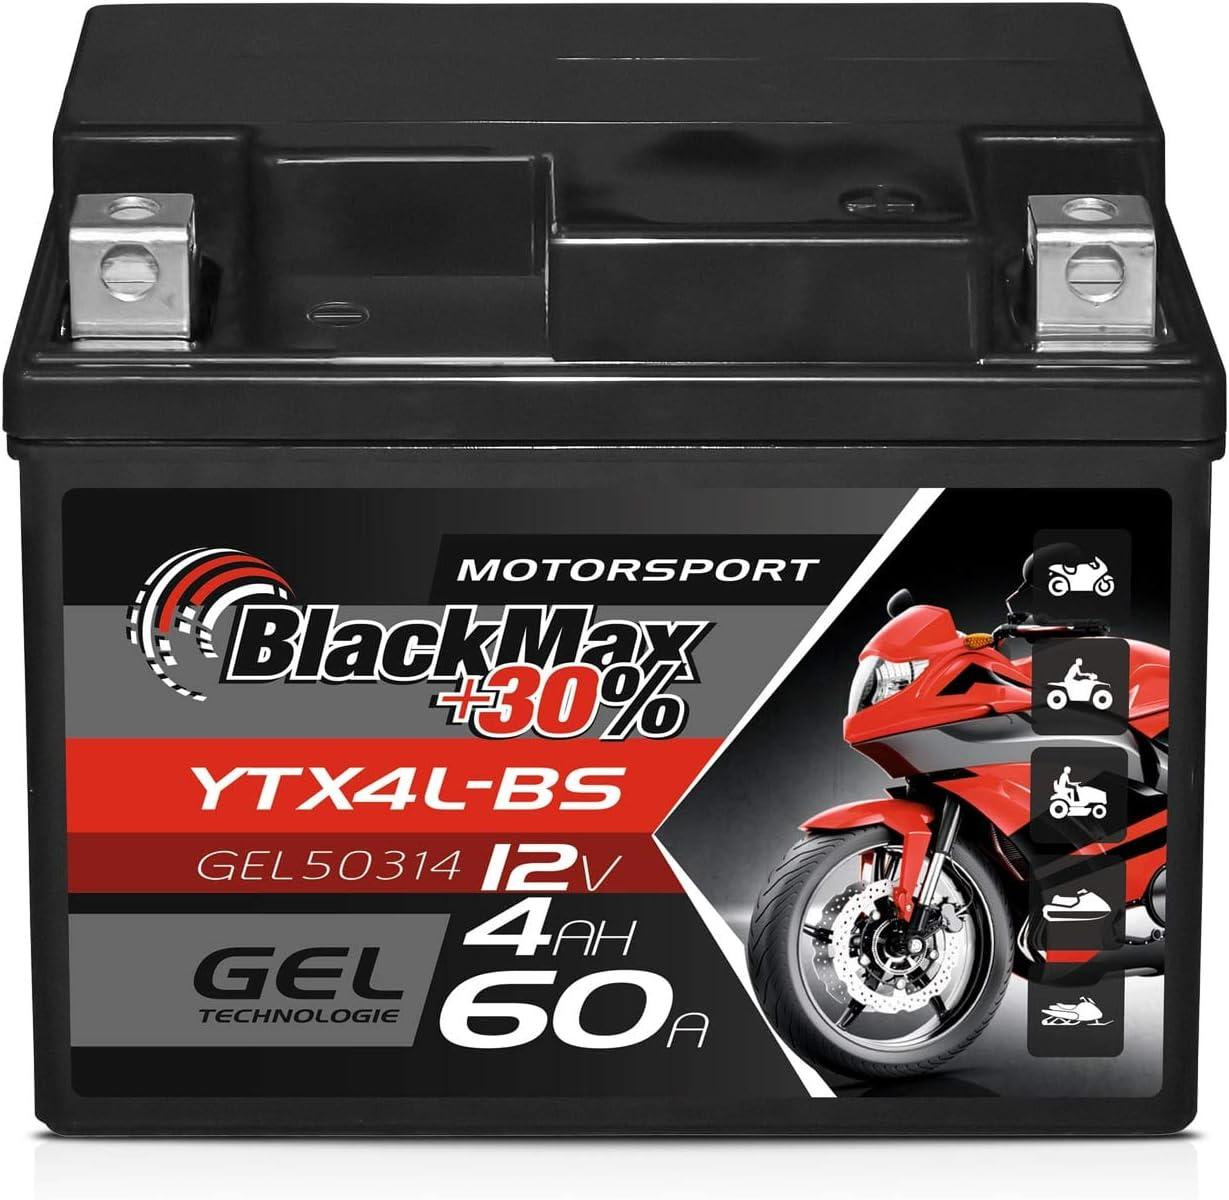 Blackmax Ctx4l Bs Motorradbatterie Ytx4l Bs Gel 12v 4ah Roller Batterie 50314 Auto